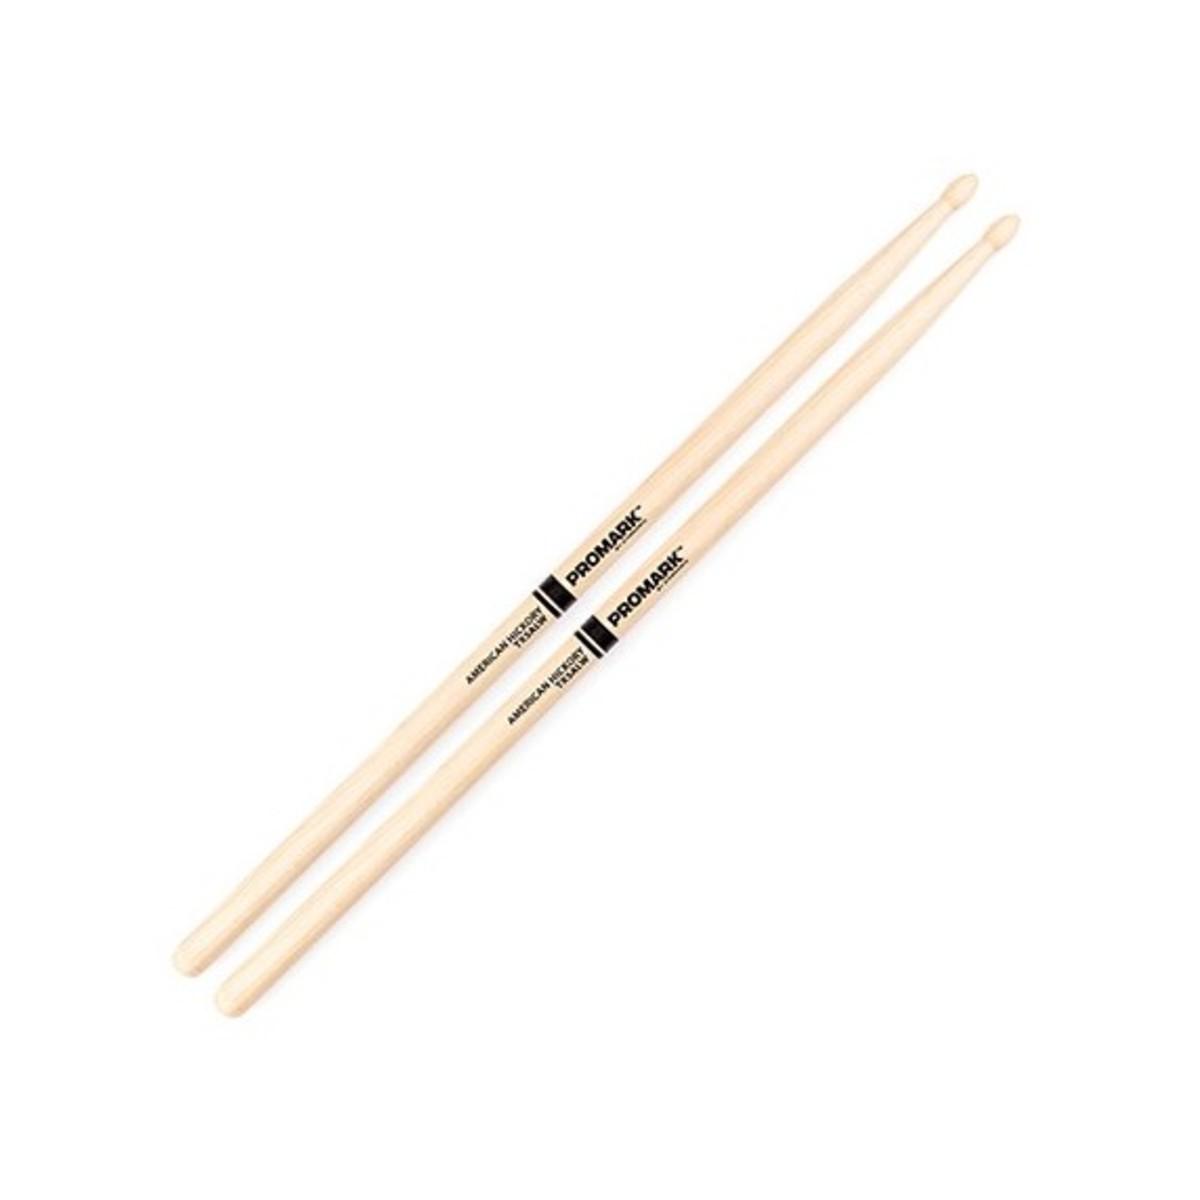 ProMark Hickory 5AL Wood Tip Drumsticks